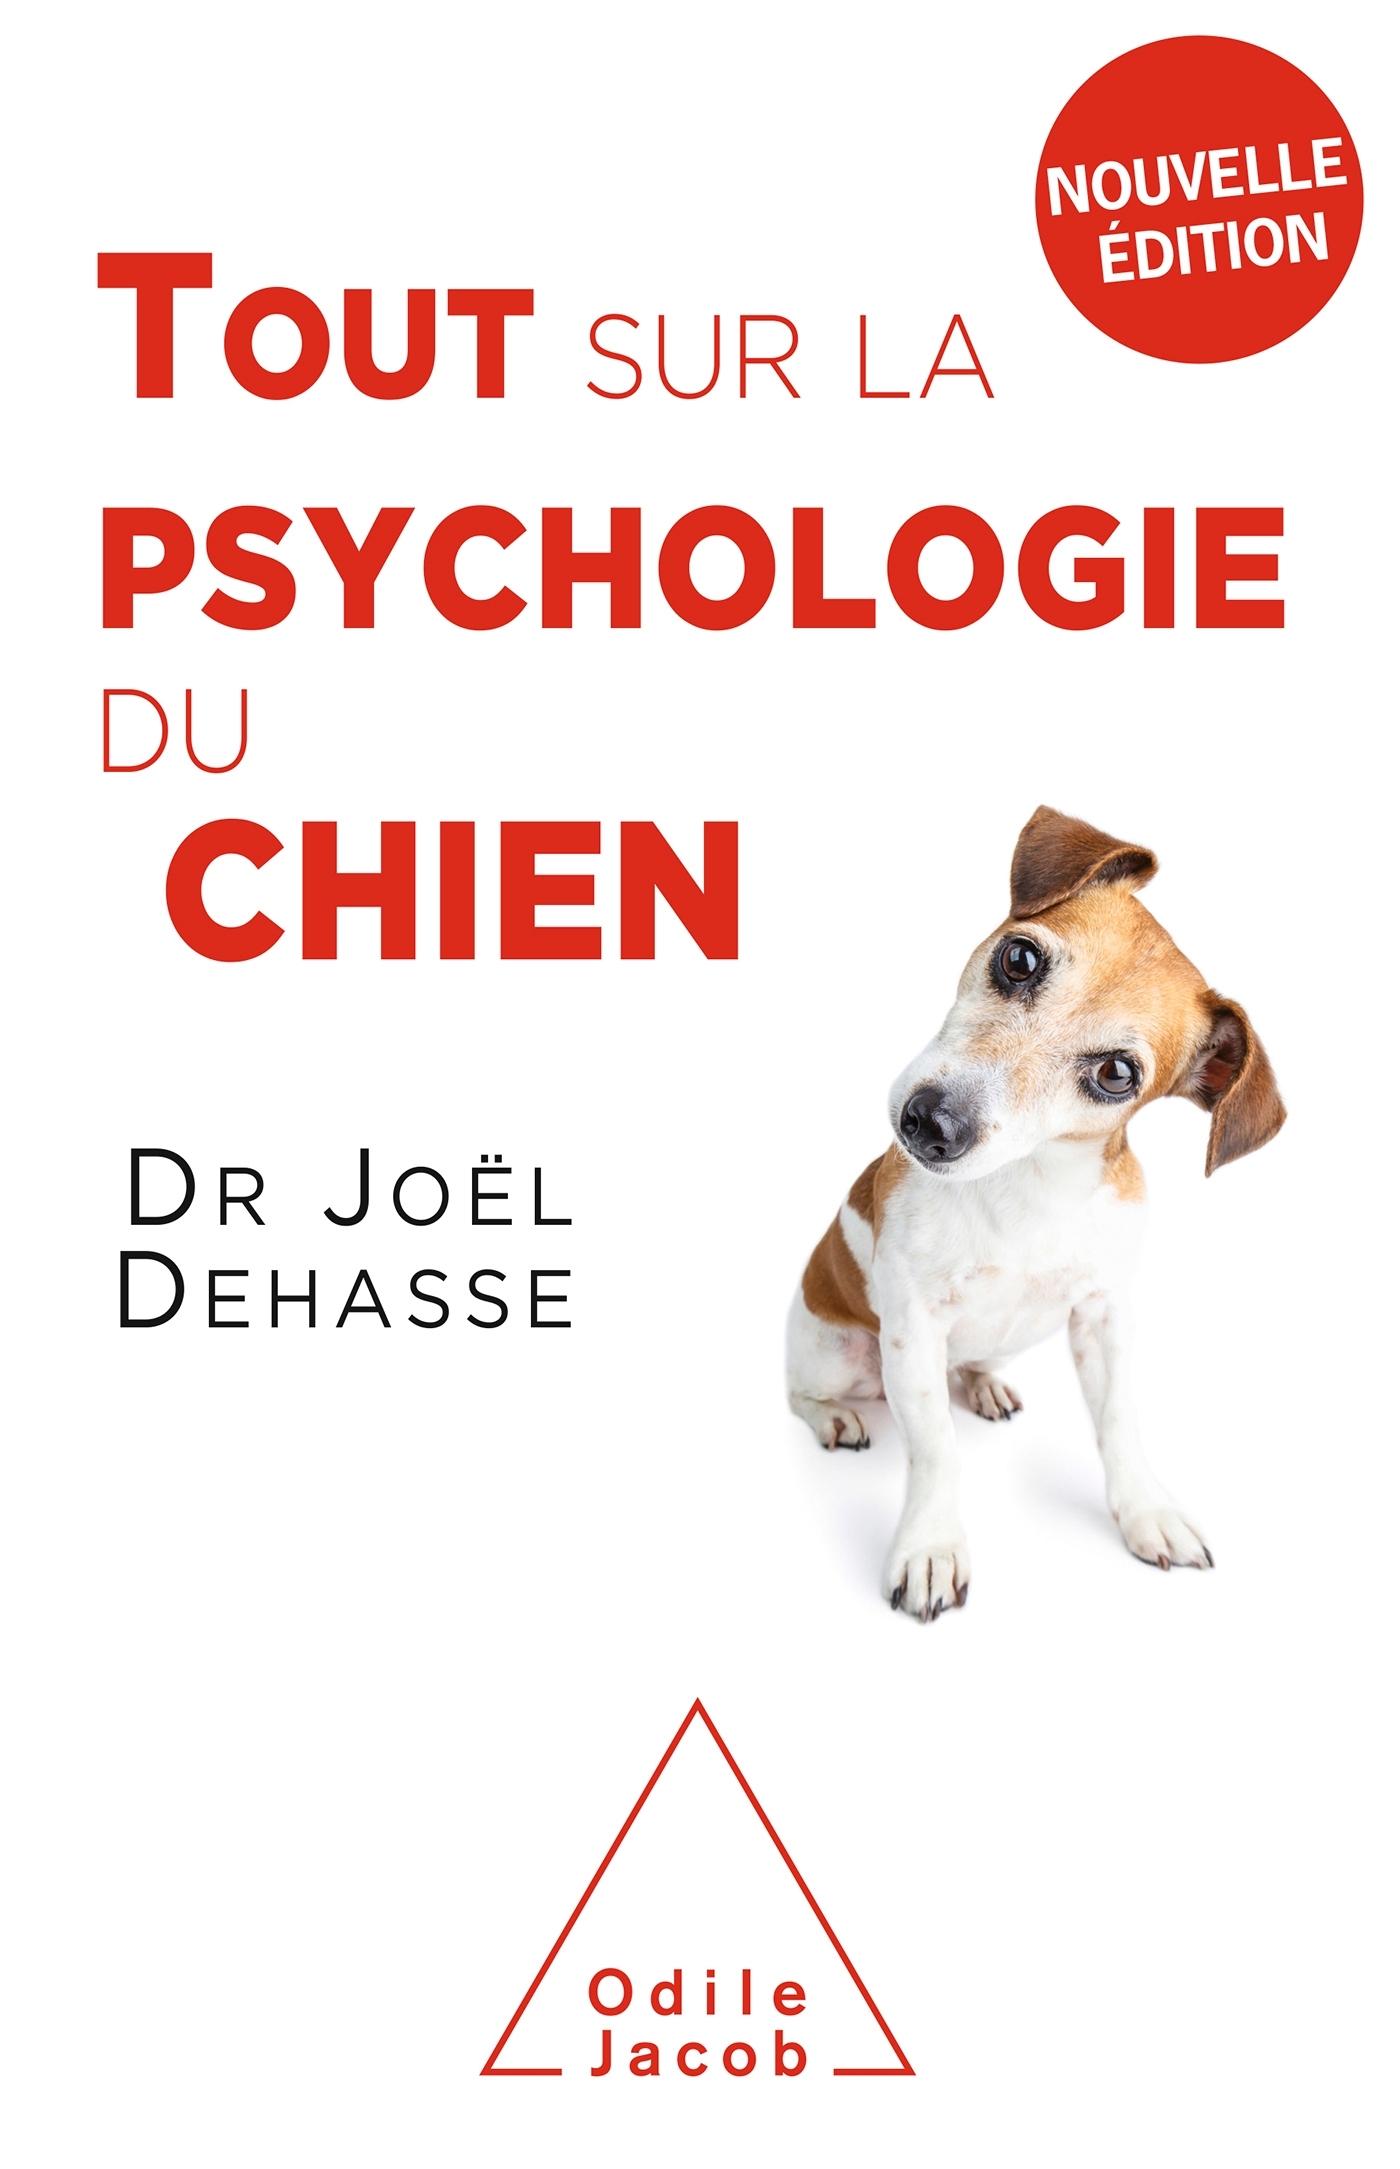 TOUT SUR LA PSYCHOLOGIE DU CHIEN (NE 2019)